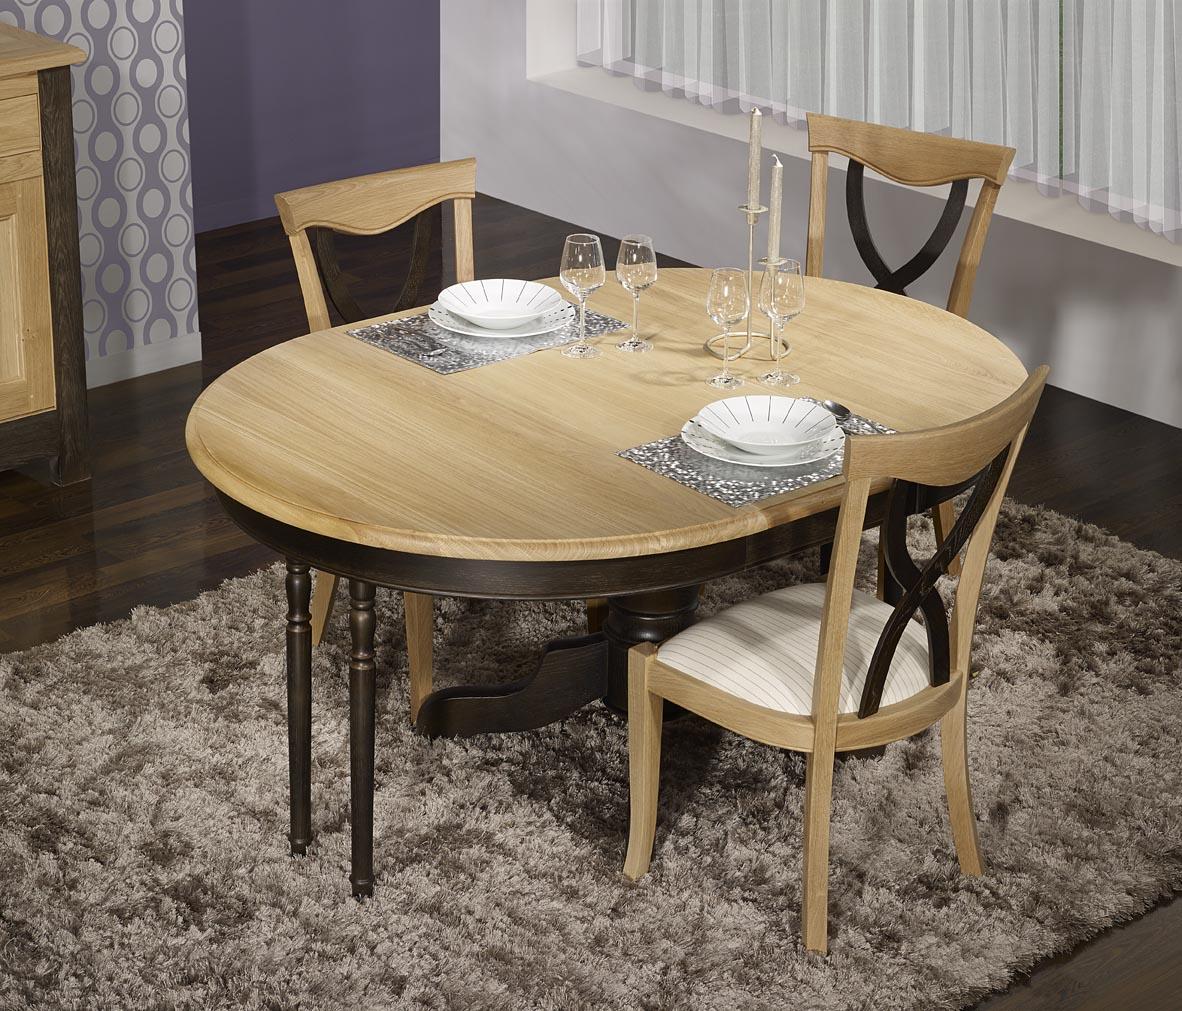 Table ronde pied central en ch ne massif de style louis - Diametre table ronde 4 personnes ...